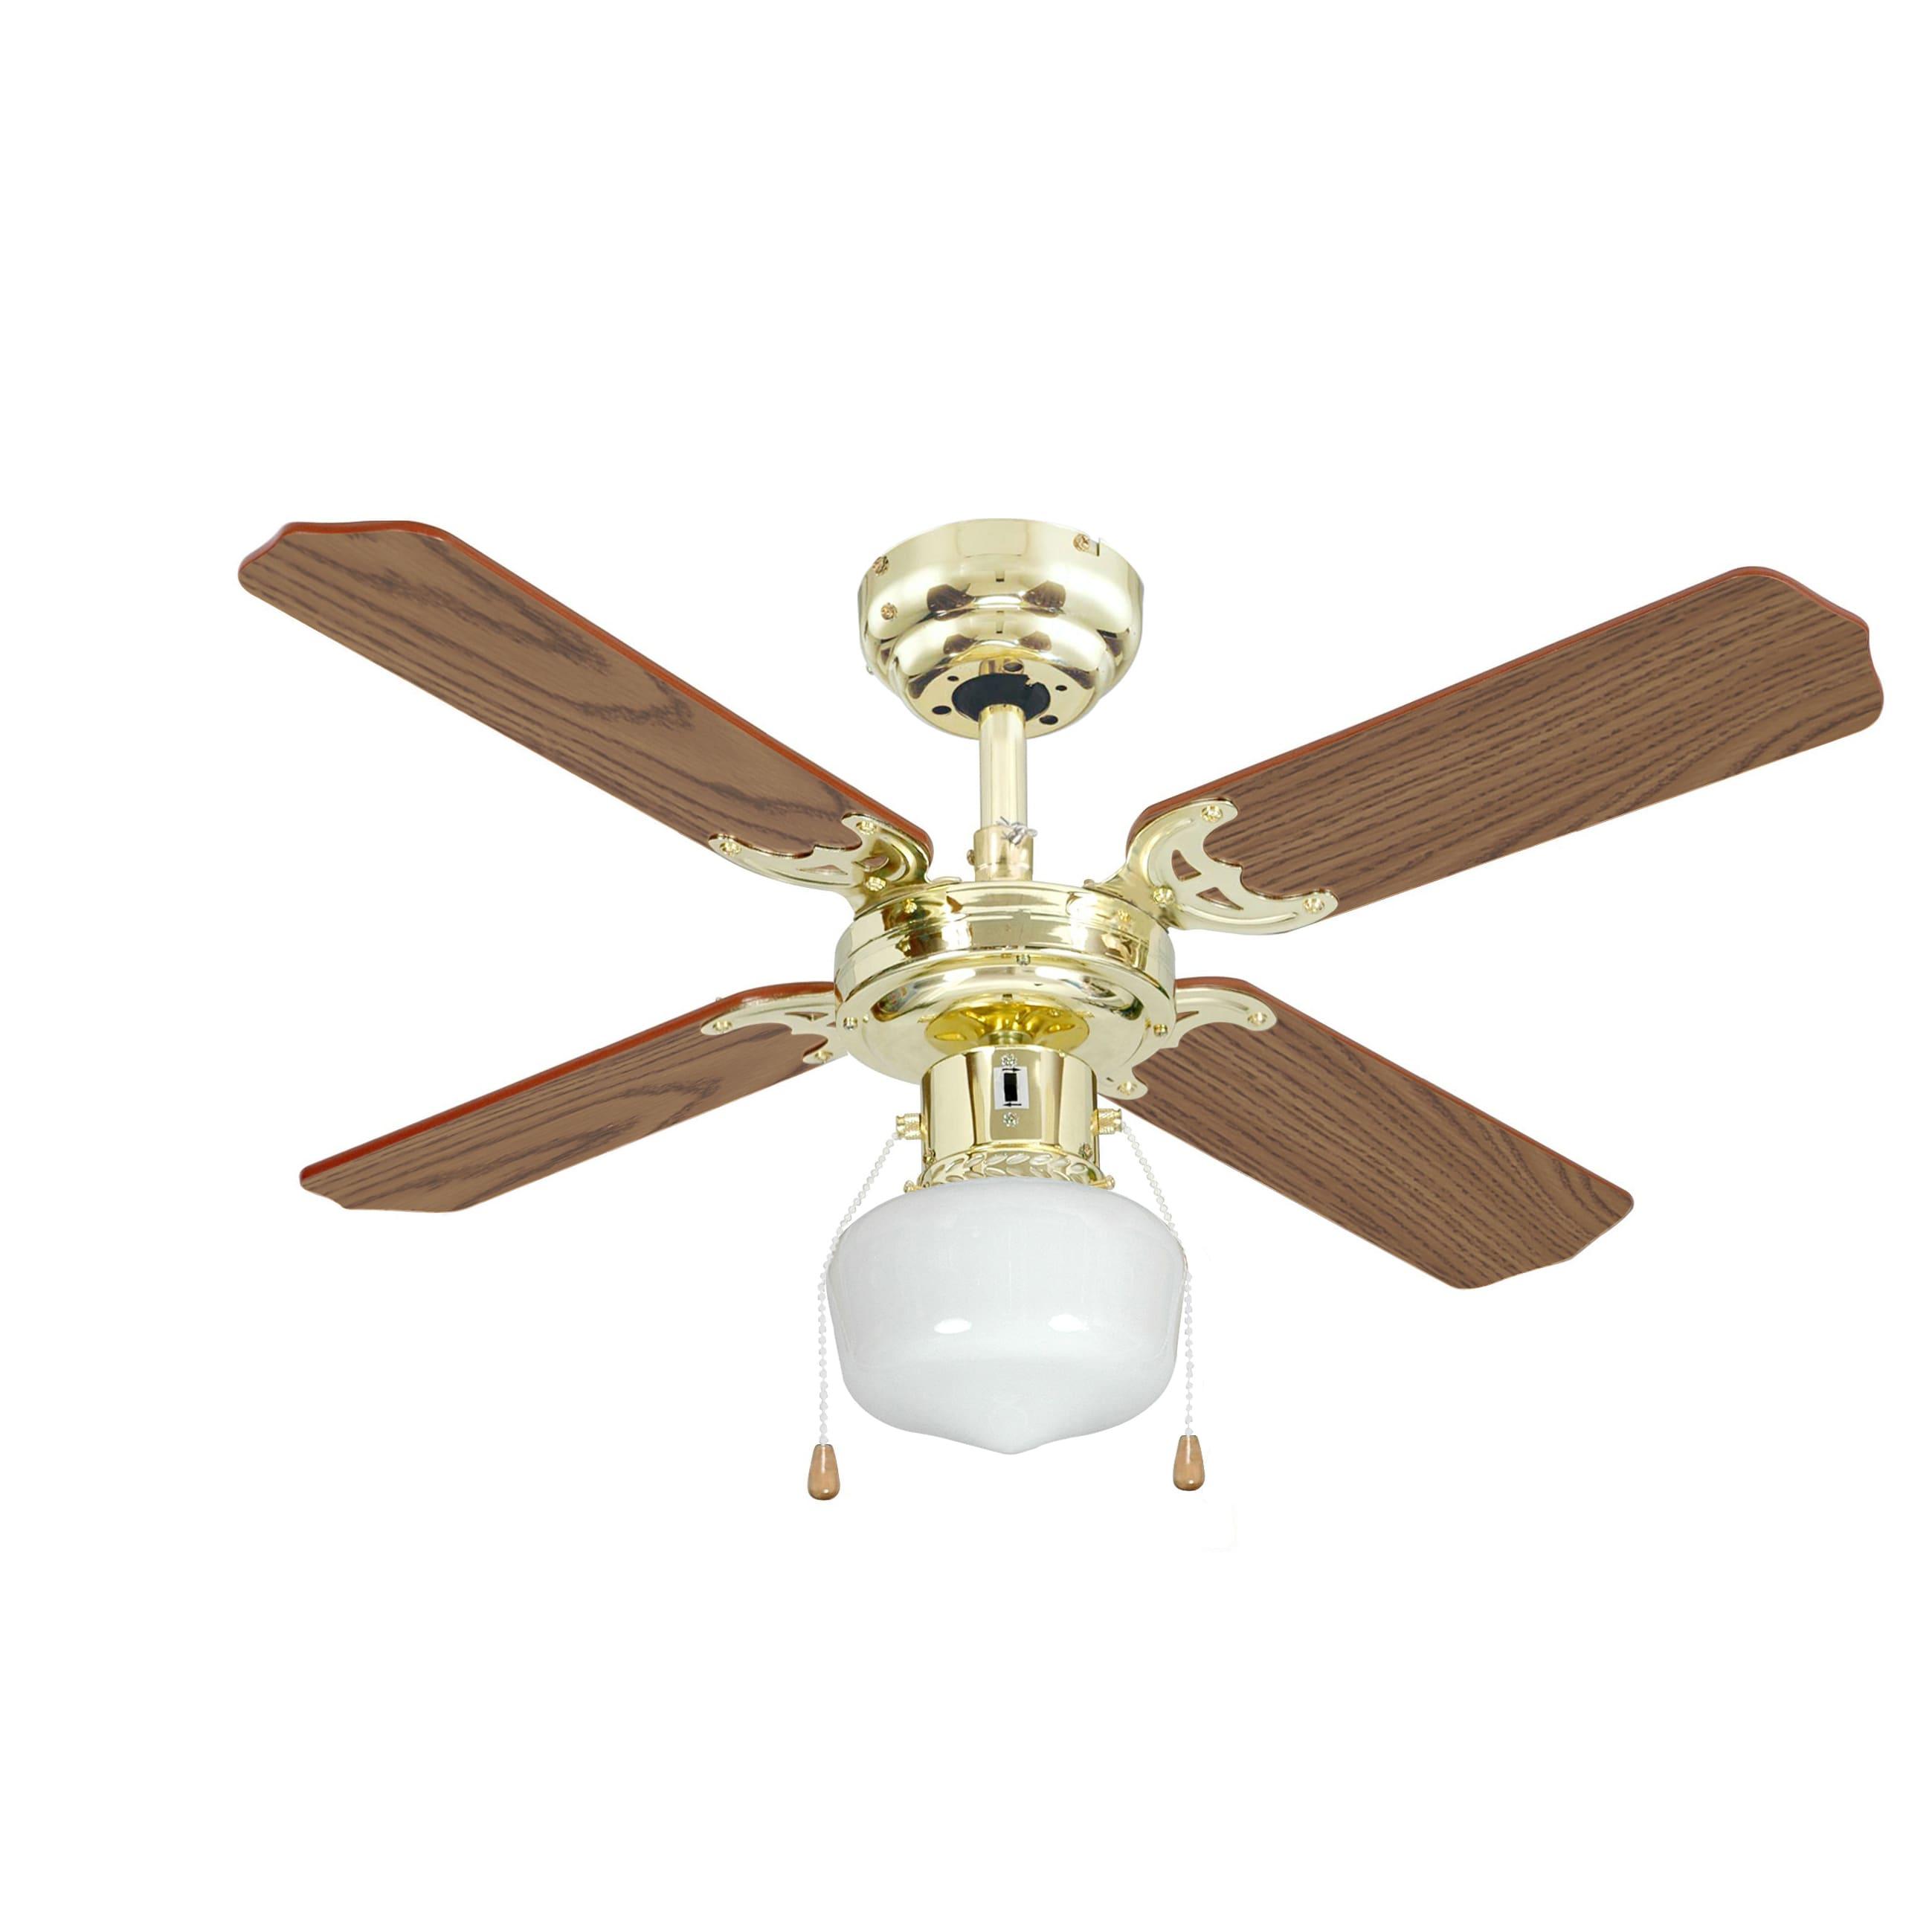 Lampadario Con Pale Leroy Merlin.Ventilatore Da Soffitto Mayotte Rovere In Acciaio Diam 91cm